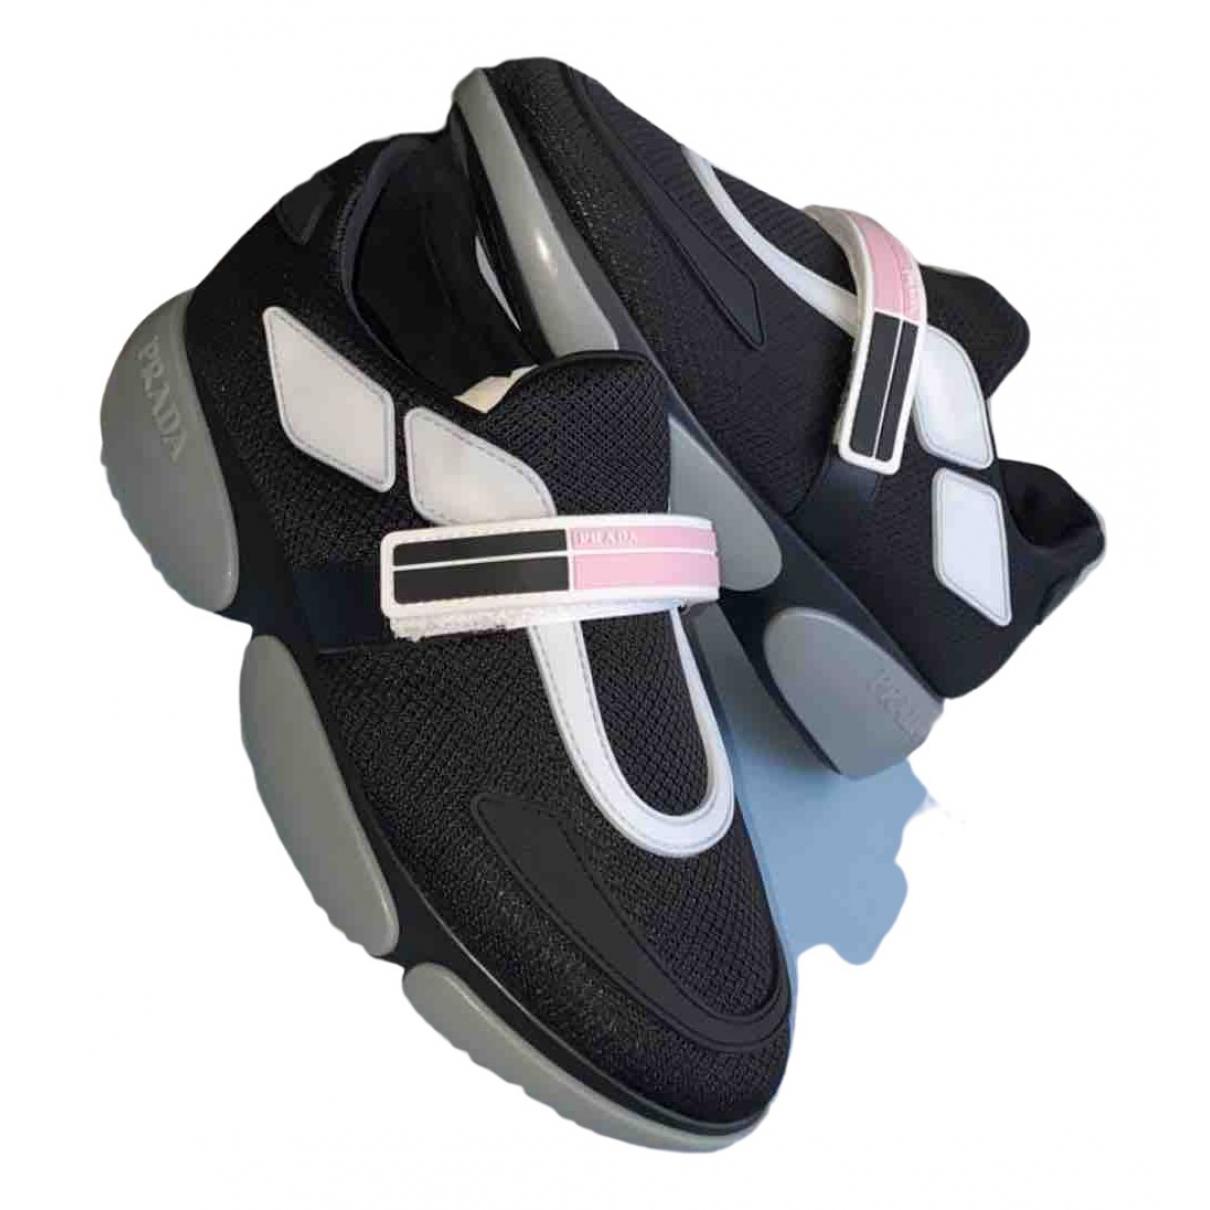 Prada - Baskets Cloudbust pour femme en toile - noir